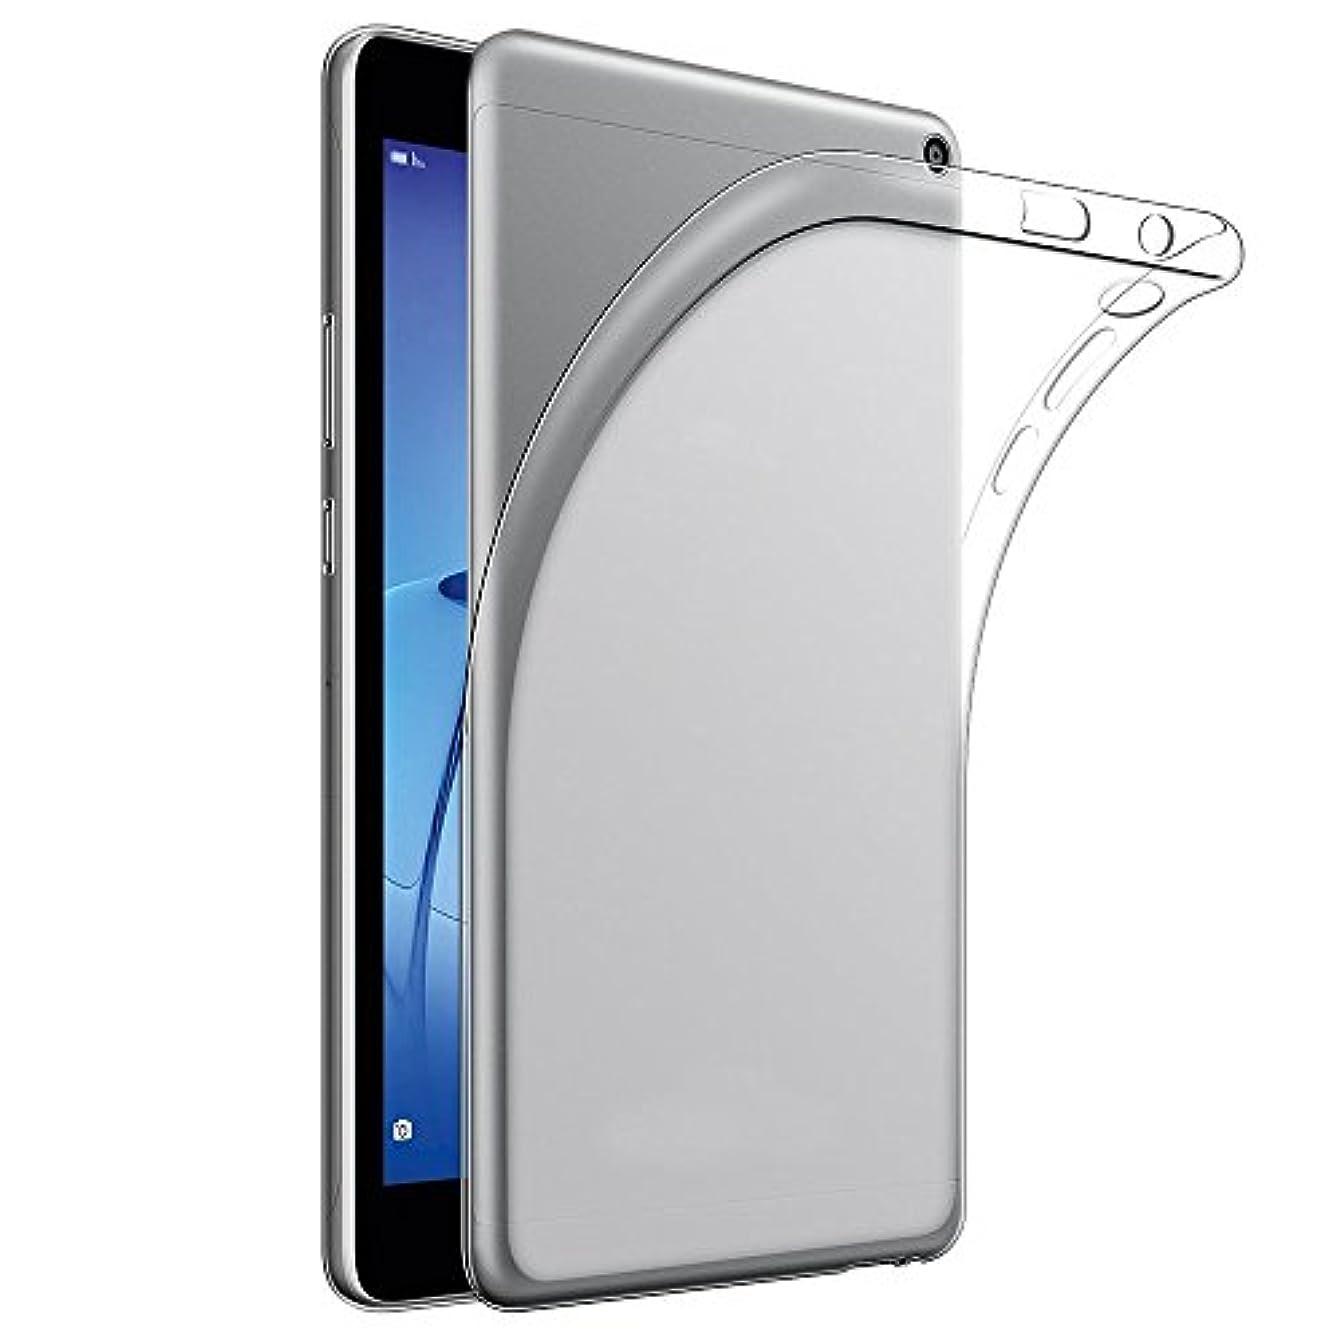 シーサイドバリーパックGosento Huawei MediaPad T3 7.0 ケース 高品質 クリスタル クリア 透明 TPU素材 保護カバー (クリア)